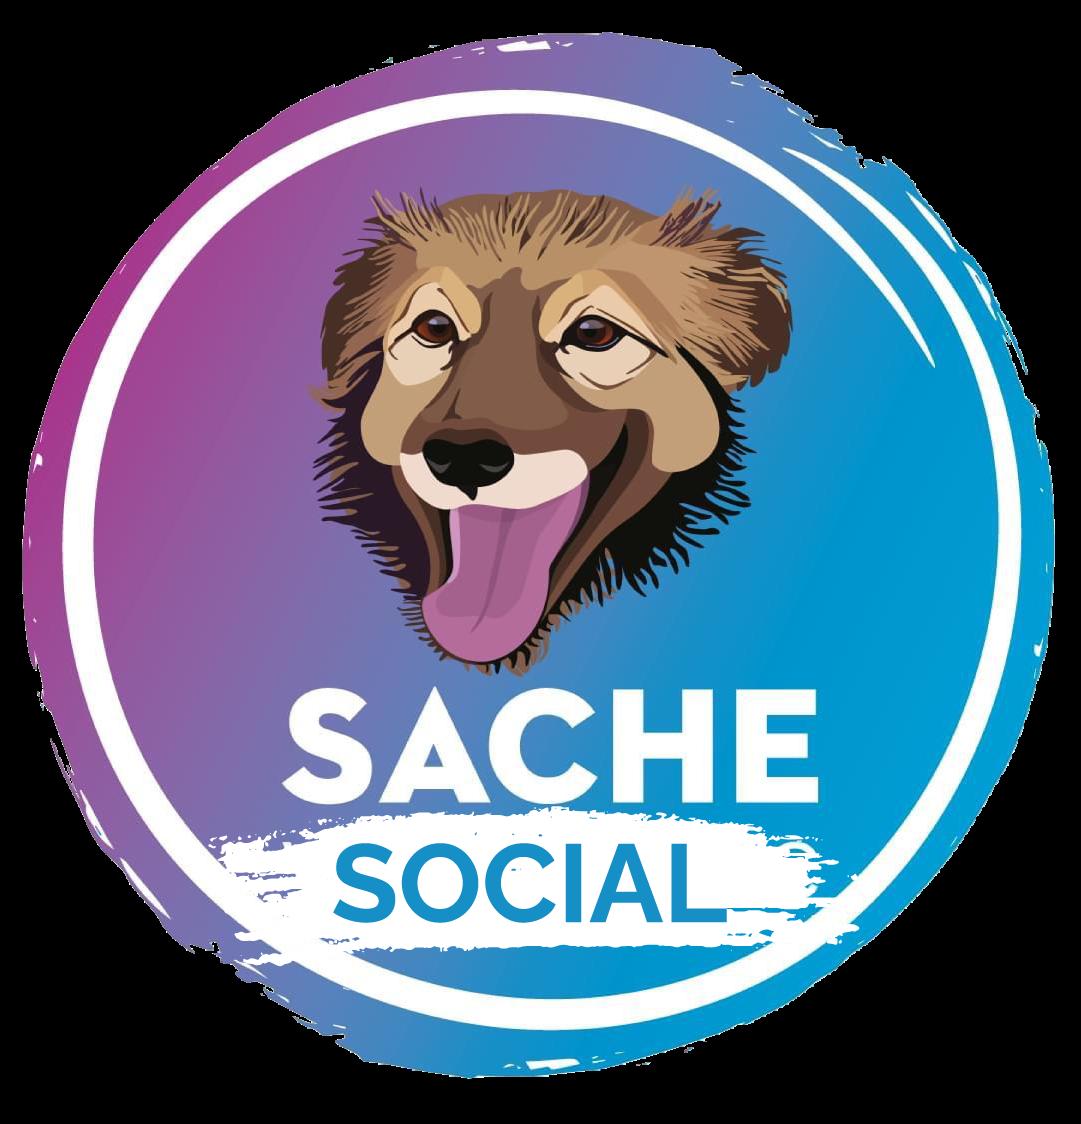 SACHE Social